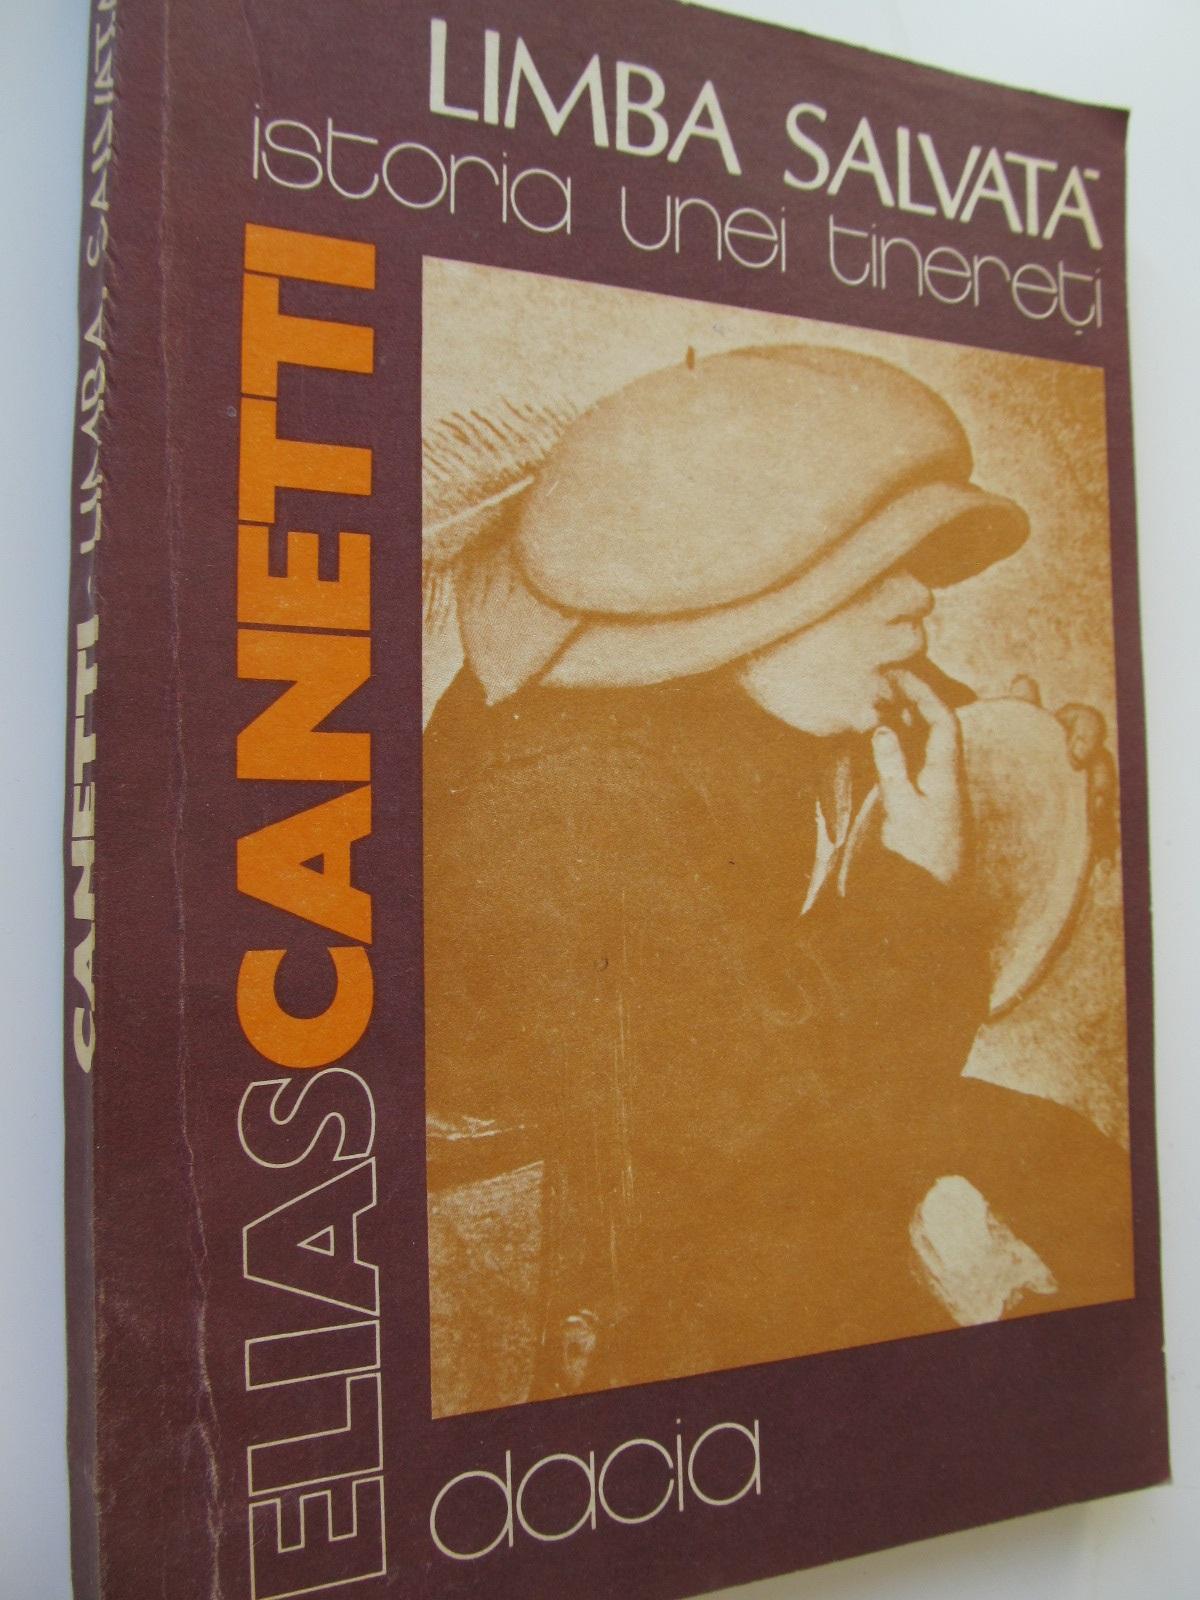 Limba salvata- istoria unei tinereti - Elias Canetti | Detalii carte